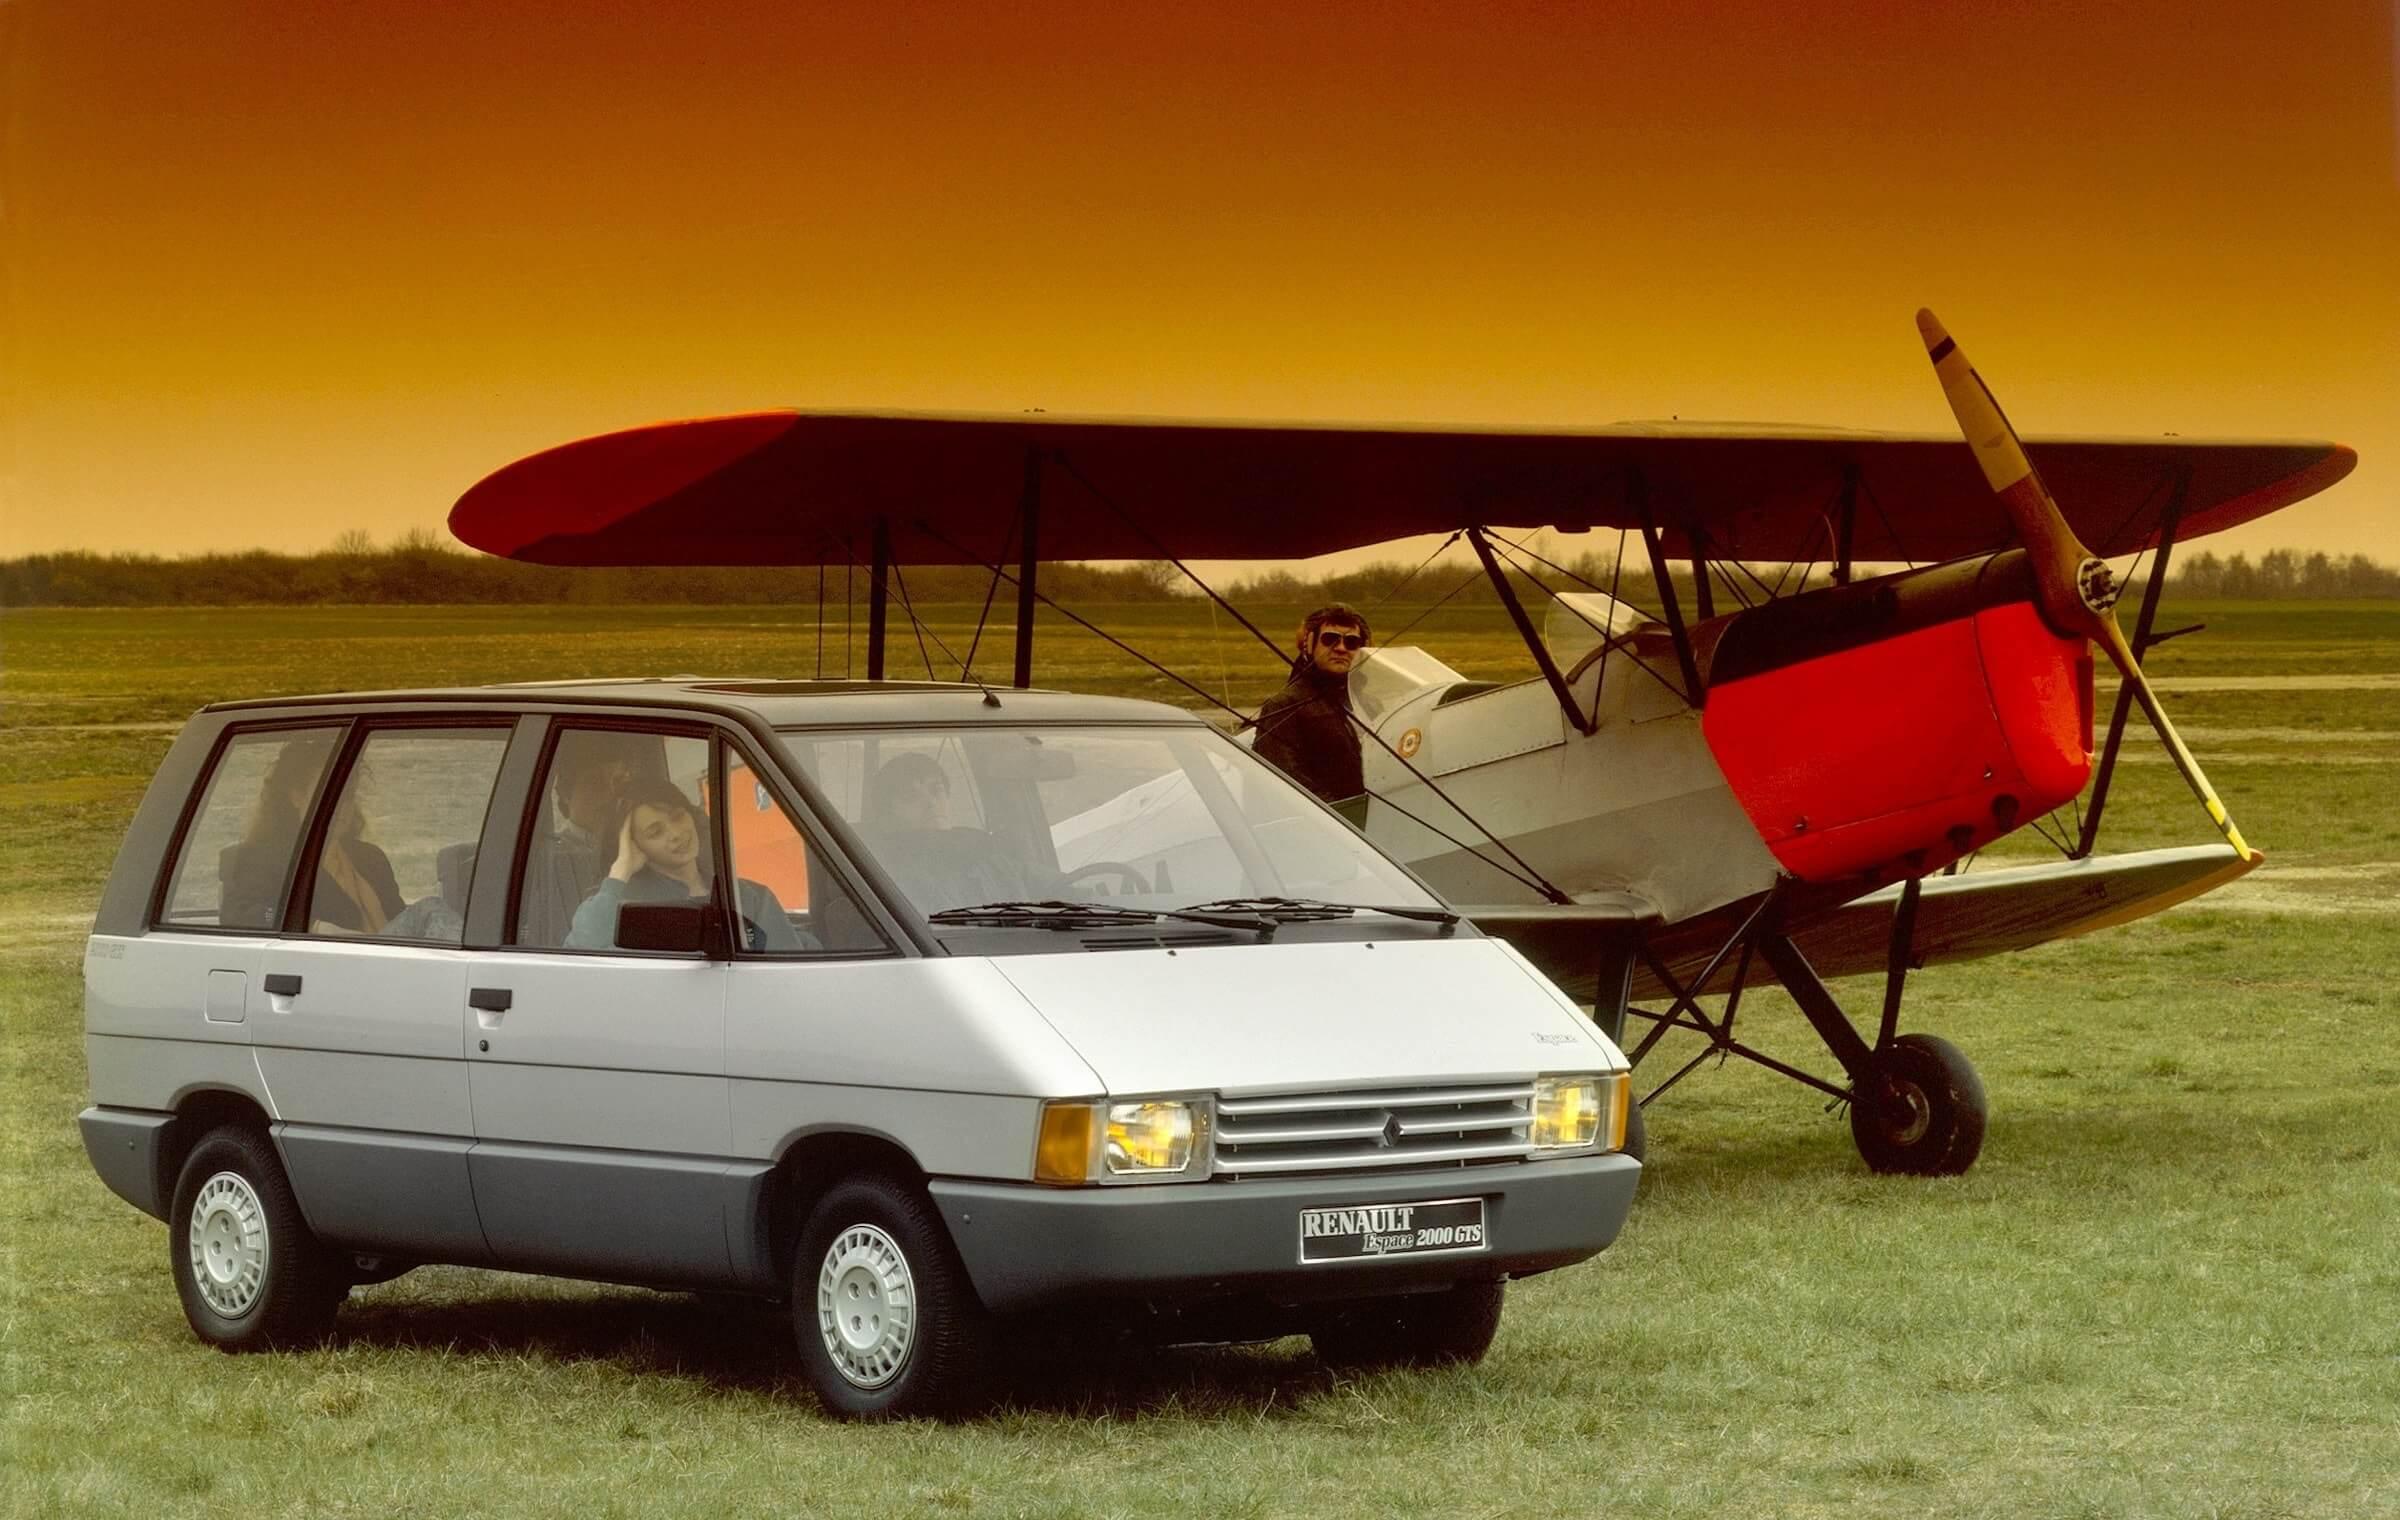 Renault Geschiedenis Espace